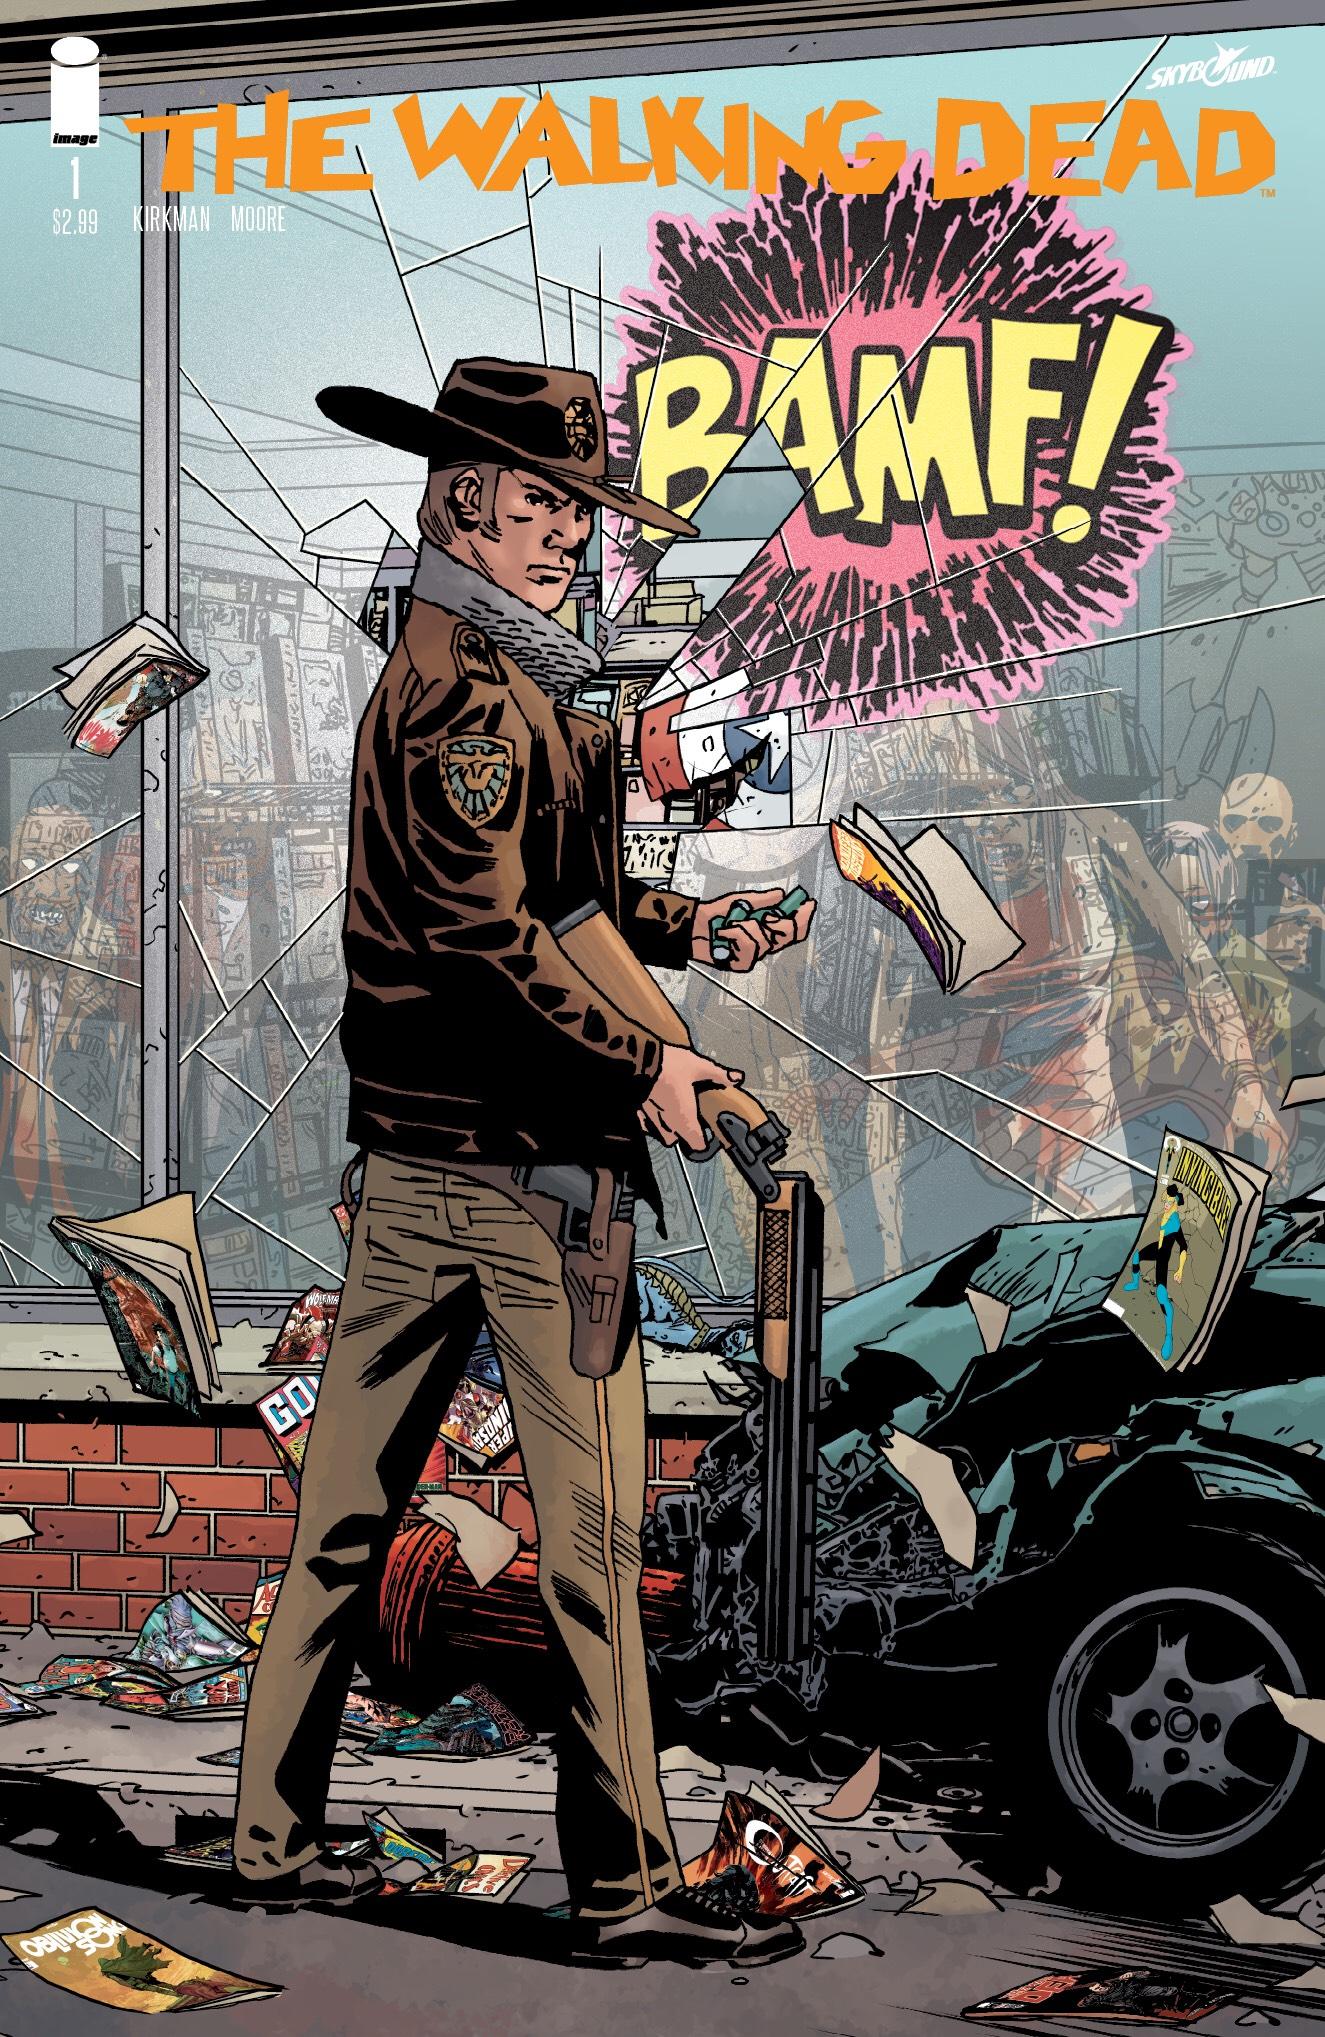 Walking Dead BAMF! - Copy.jpg